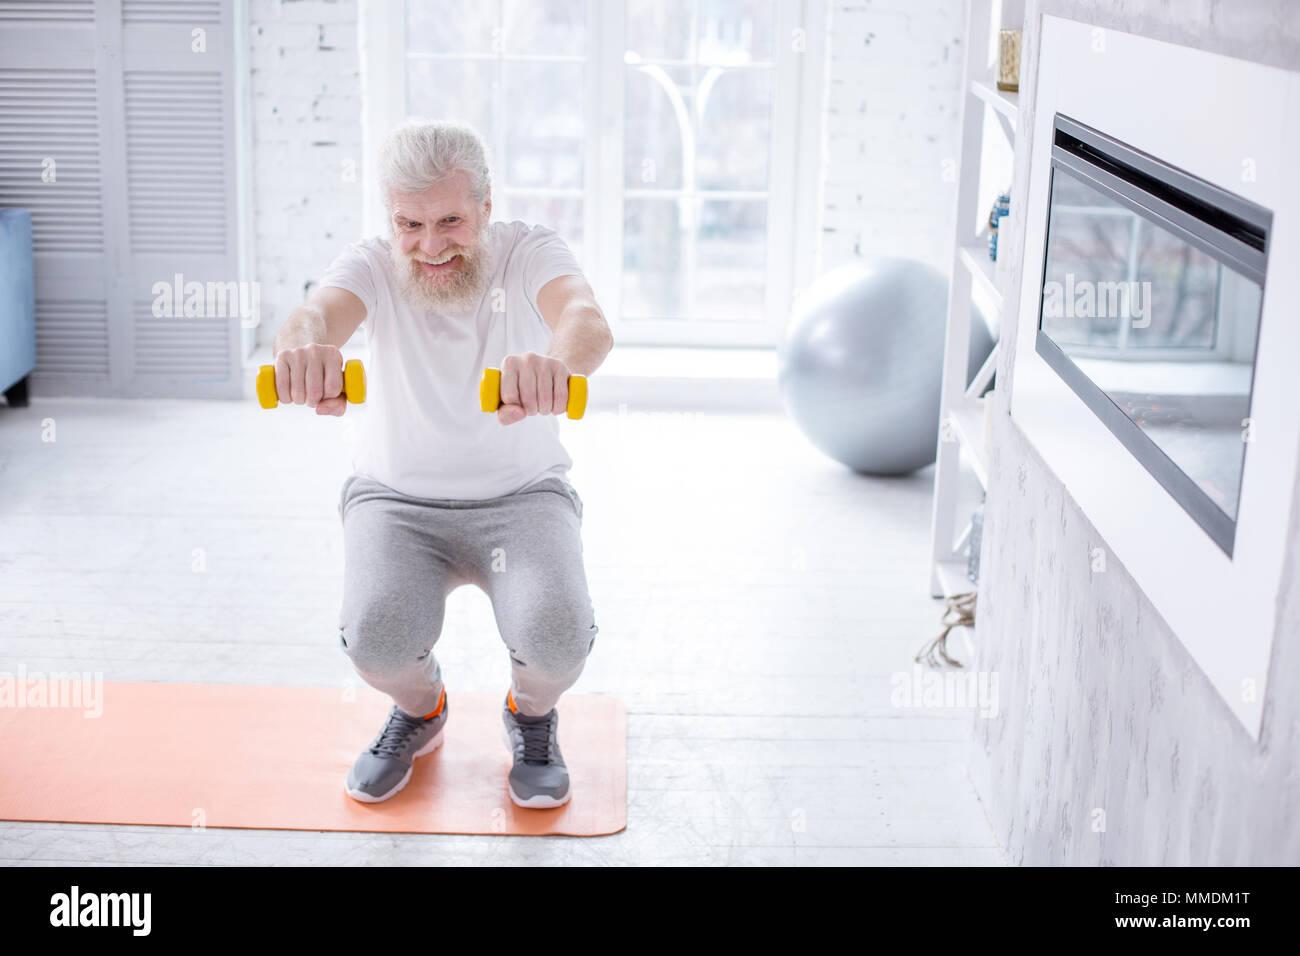 Bel uomo anziano holding manubri e facendo squat Immagini Stock